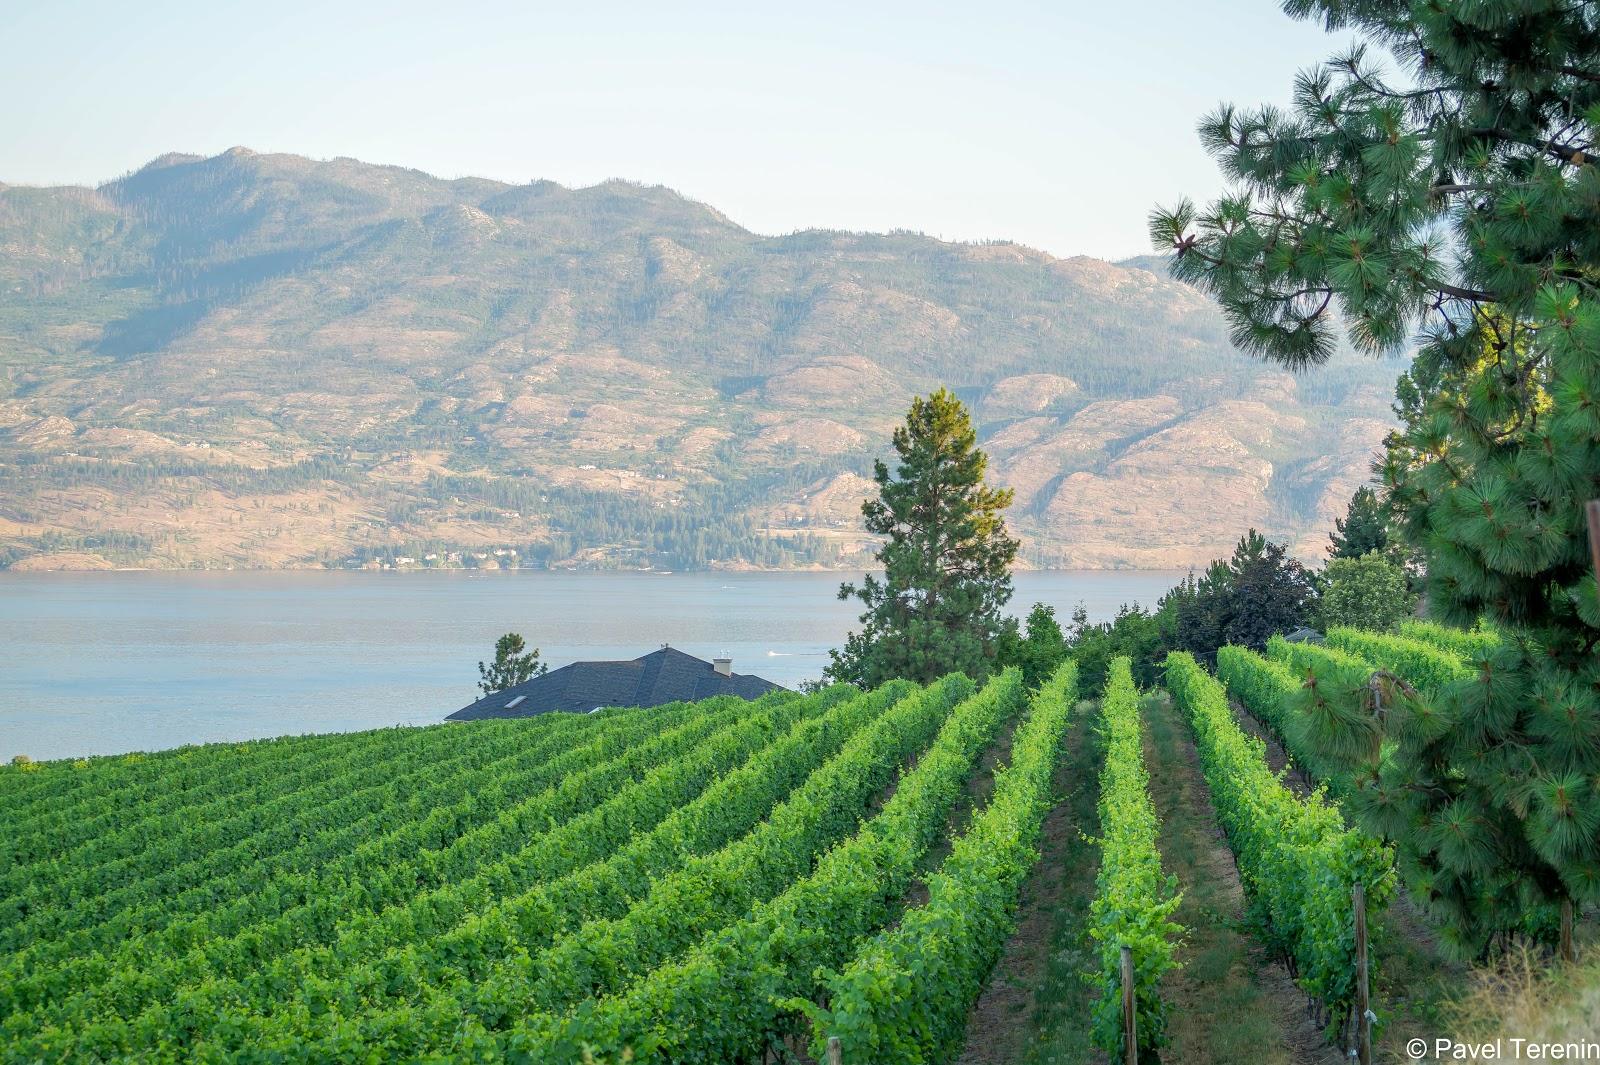 Наша дорога в отель проходила вдоль бесчисленных виноградных полей.